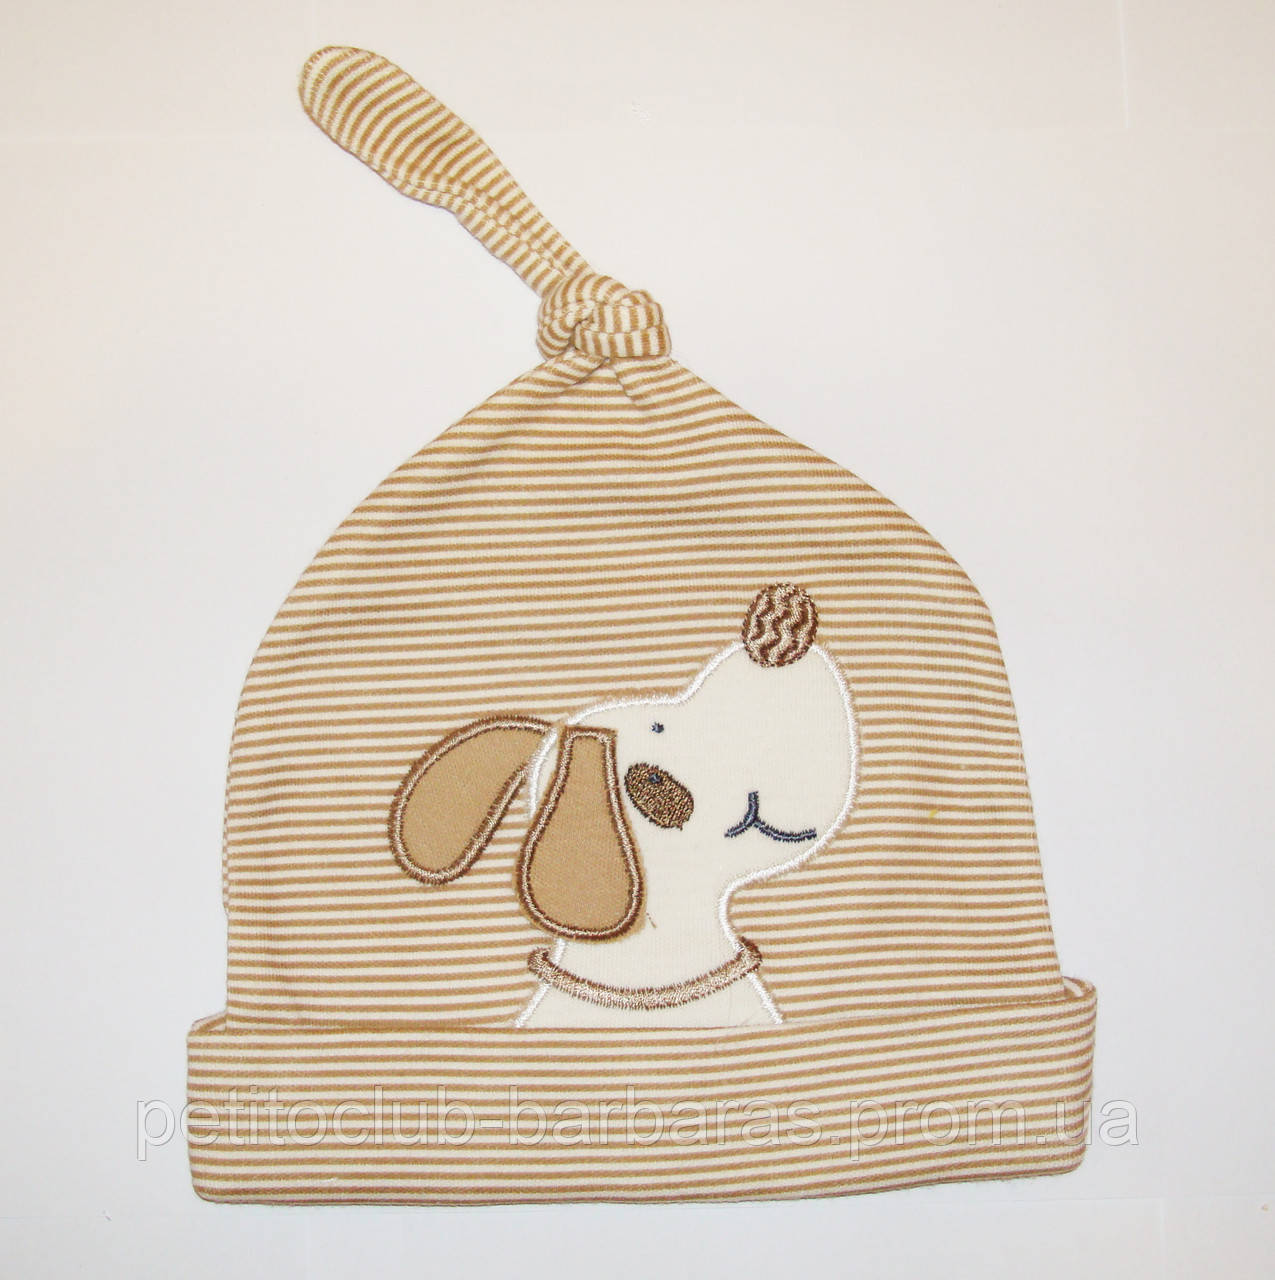 Хлопковая шапка-узелок для новорожденного мальчика Собачка (Kardi, Турция)